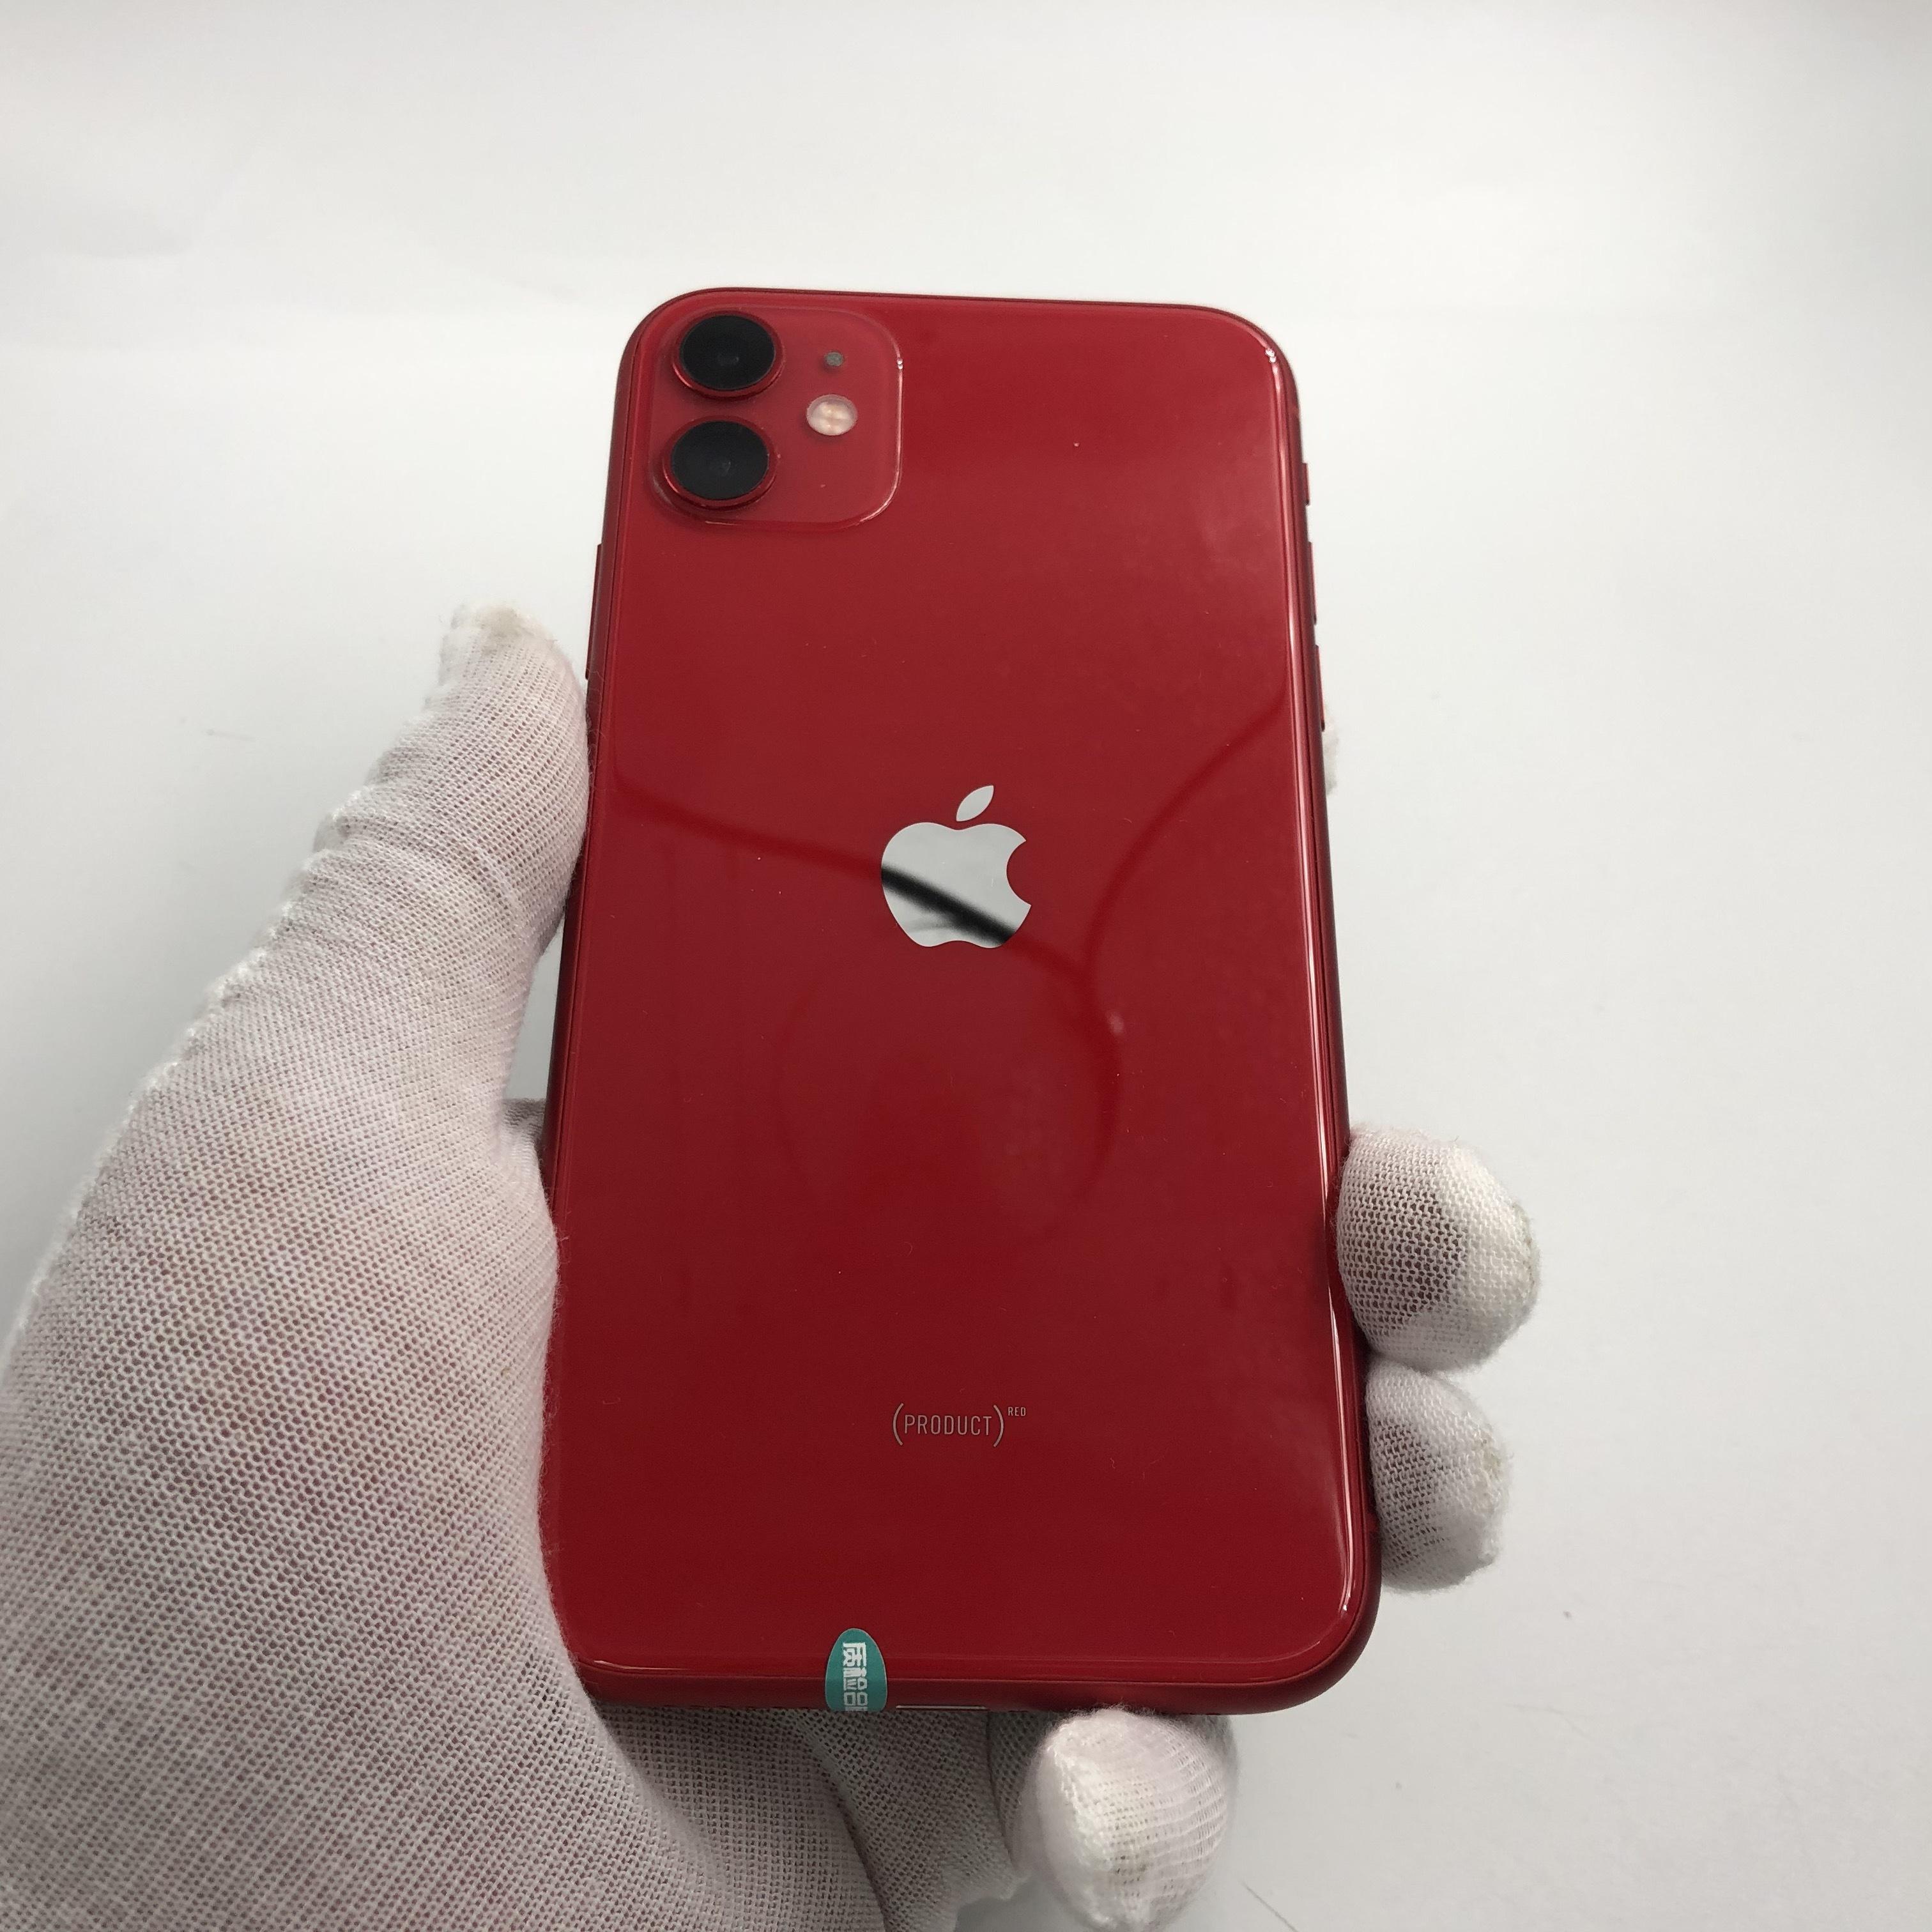 苹果【iPhone 11】全网通 红色 128G 国行 99新